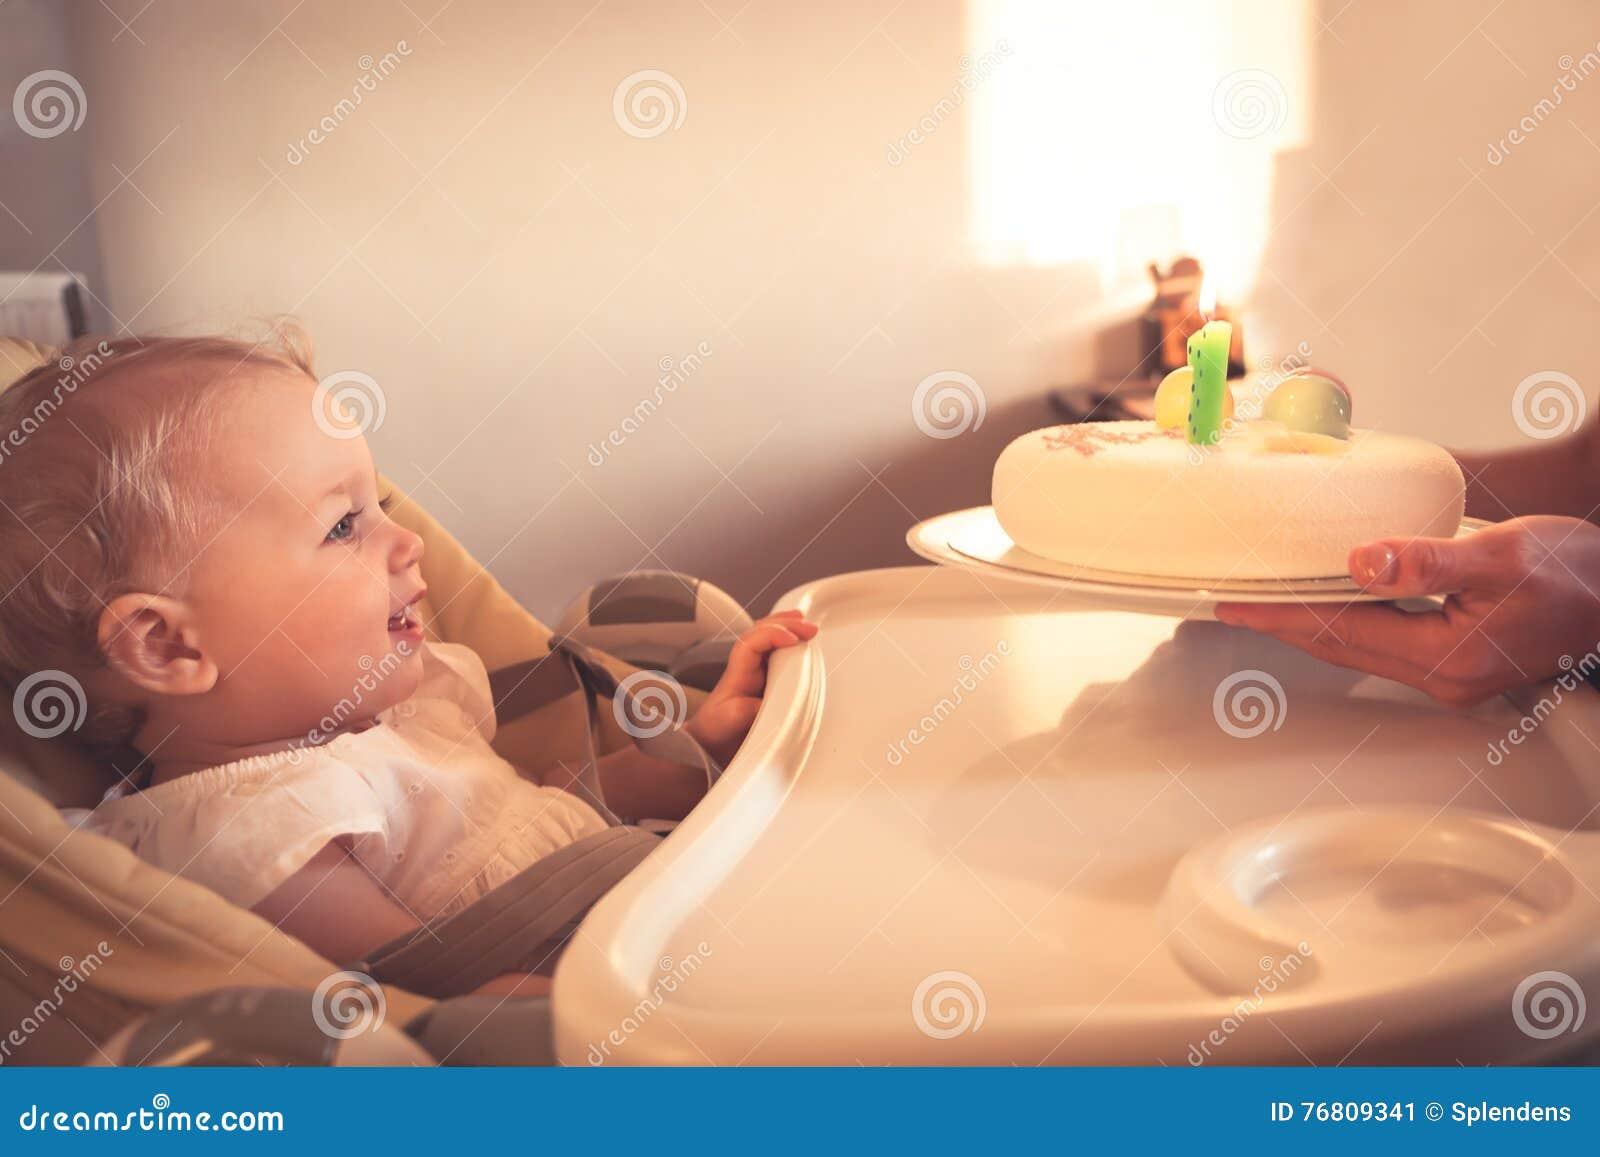 Glückliches kleines Kind, das Geburtstagskuchen mit brennender Kerze in seinem ersten alles Gute zum Geburtstag betrachtet